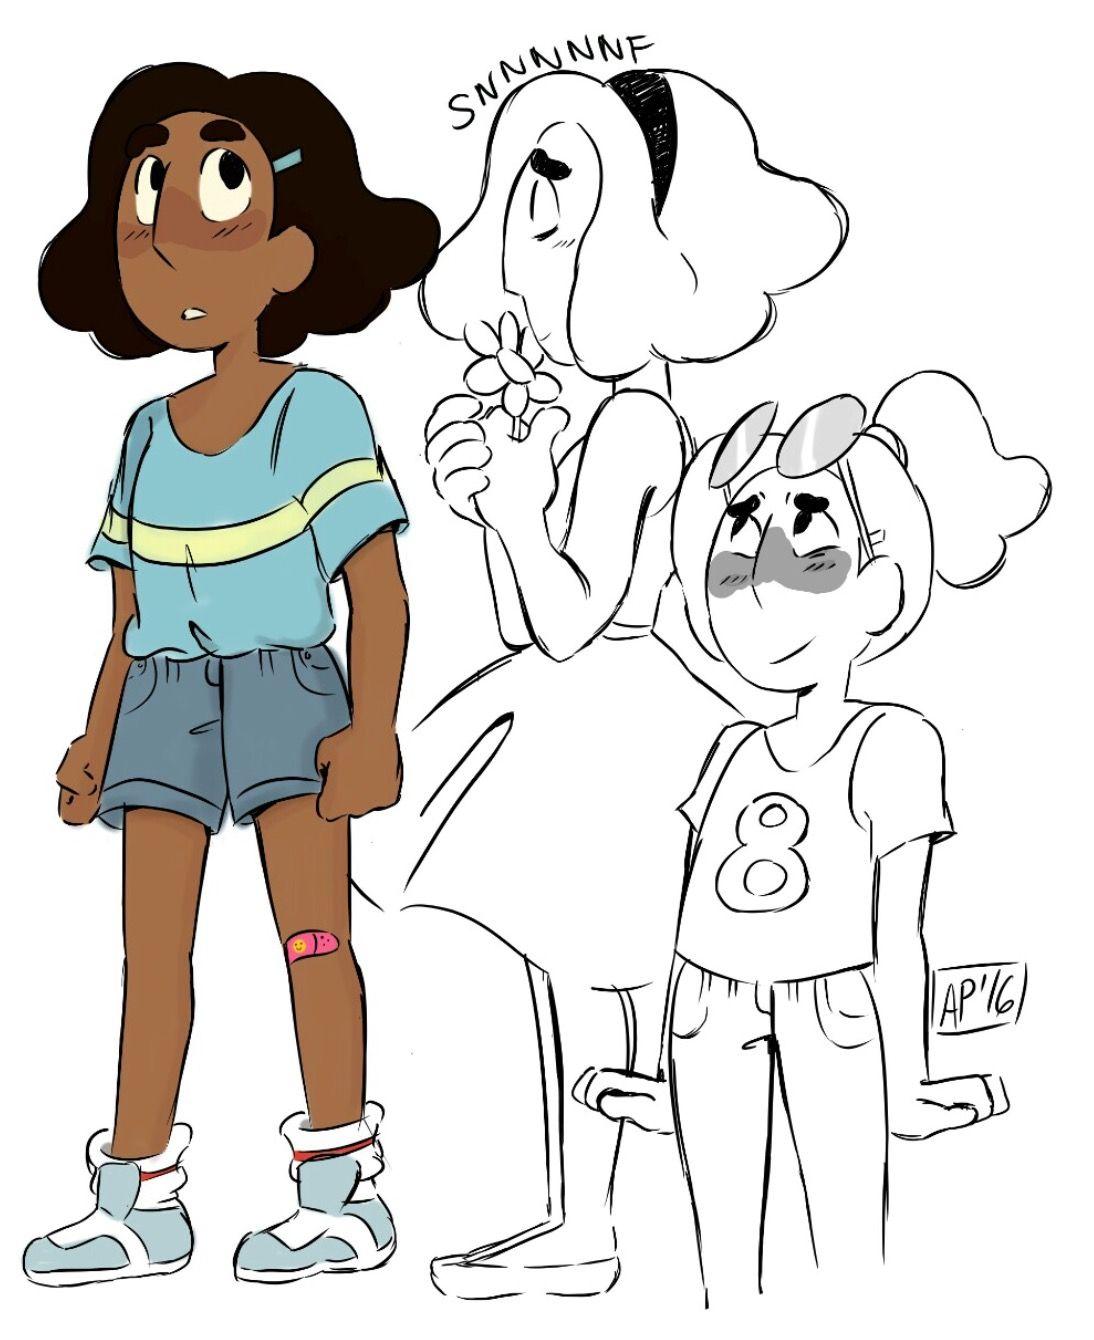 Connie Steven Universe Short Hair : connie, steven, universe, short, Dankus, Wizard, Steven, Universe, Connie, Universe,, Fanart